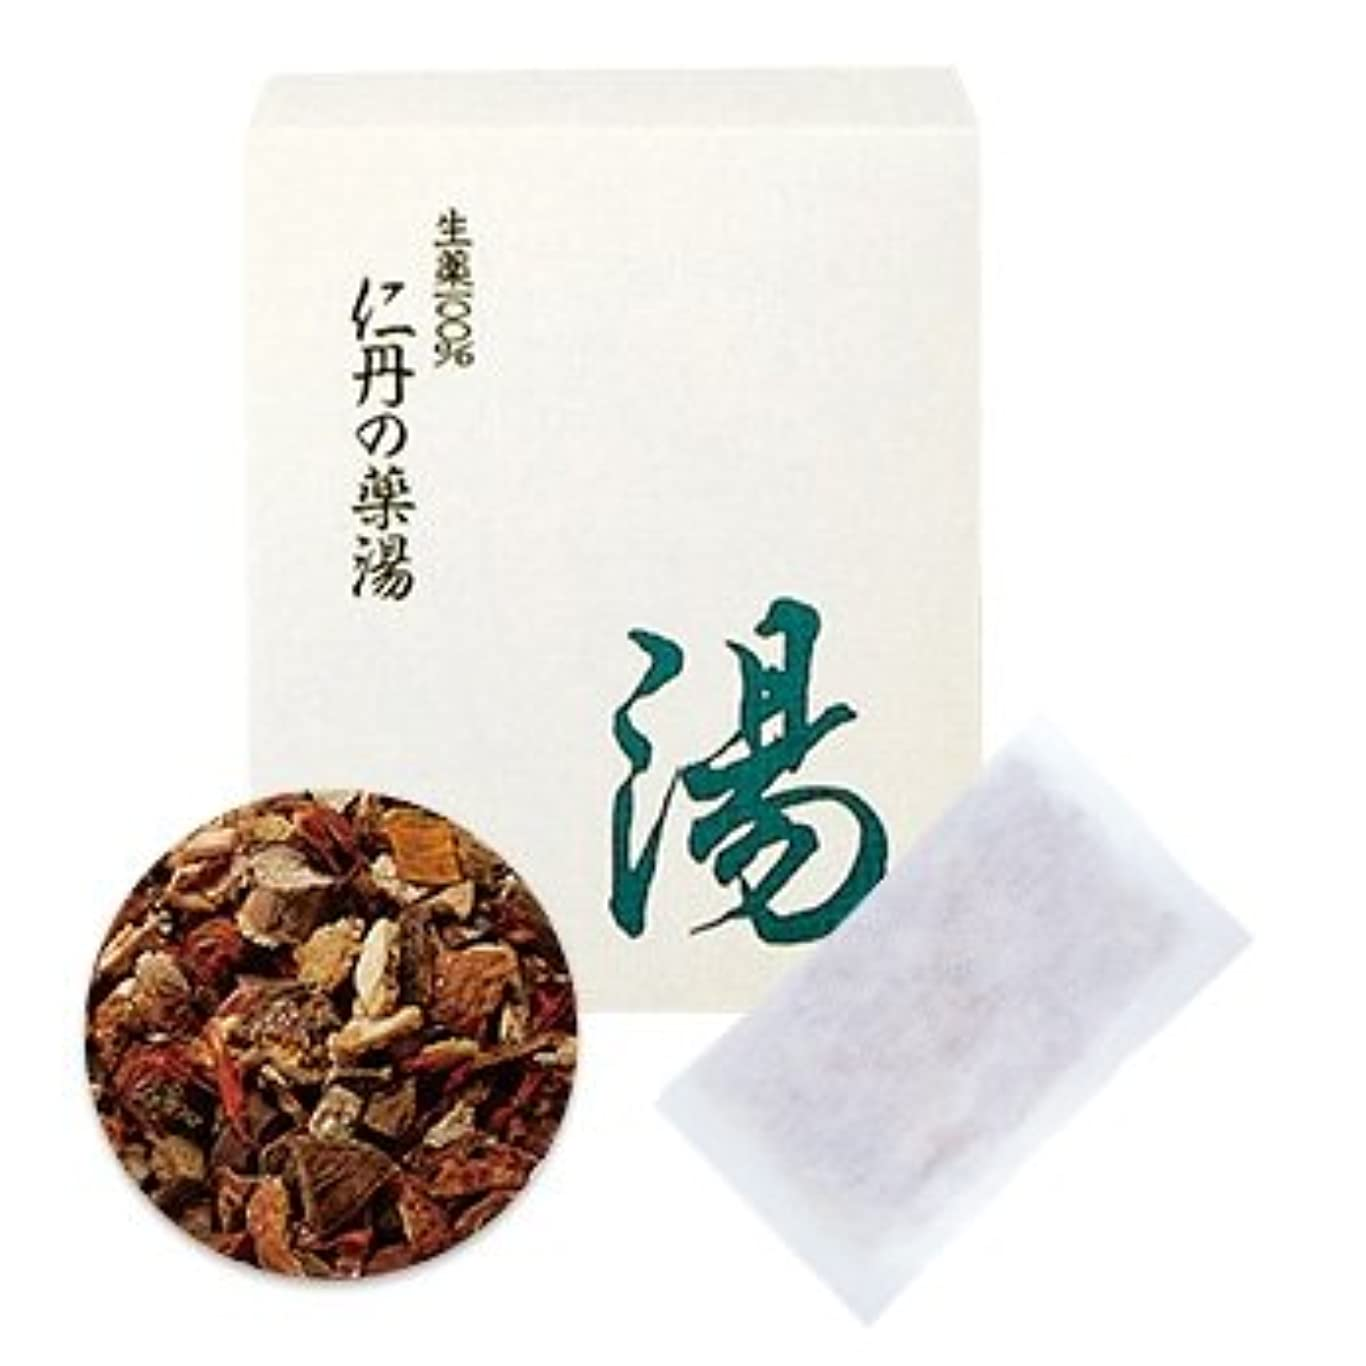 レクリエーションいらいらする繁殖森下仁丹 仁丹の薬湯(マイルド) 10包 医薬部外品